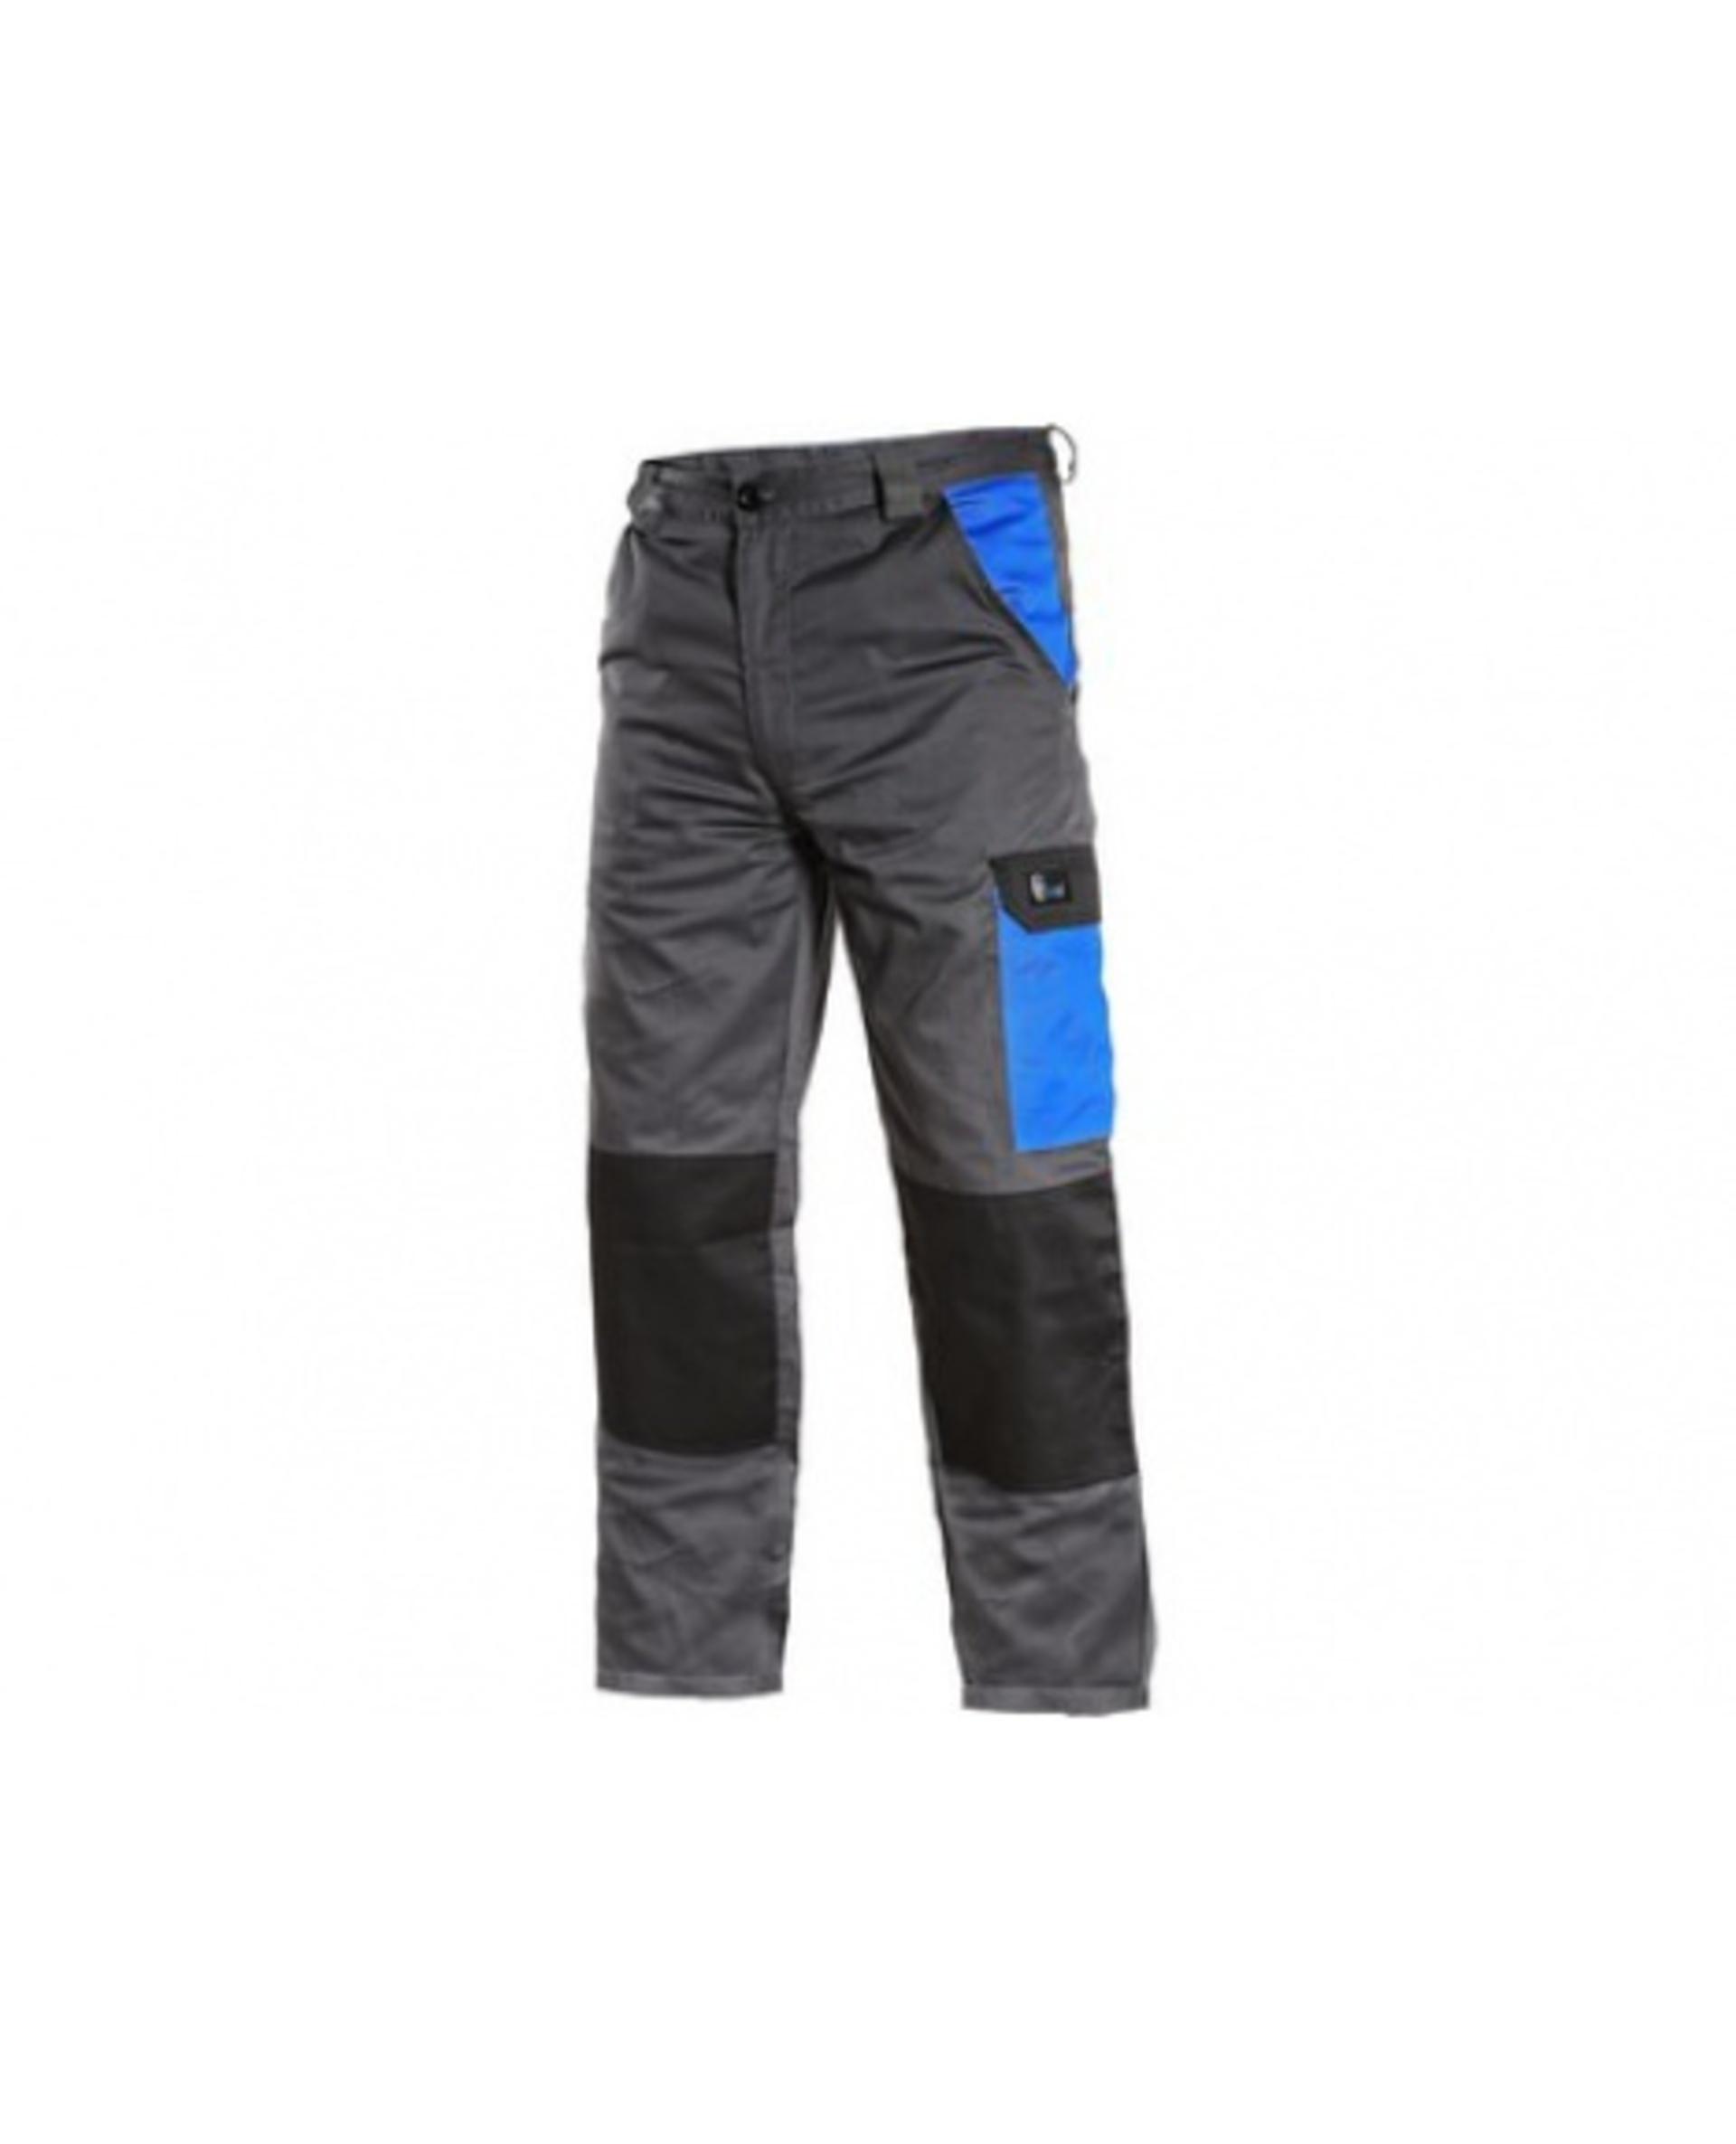 CXS PHOENIX CEFEUS pánské Kalhoty pracovní do pasu šedá/modrá 56